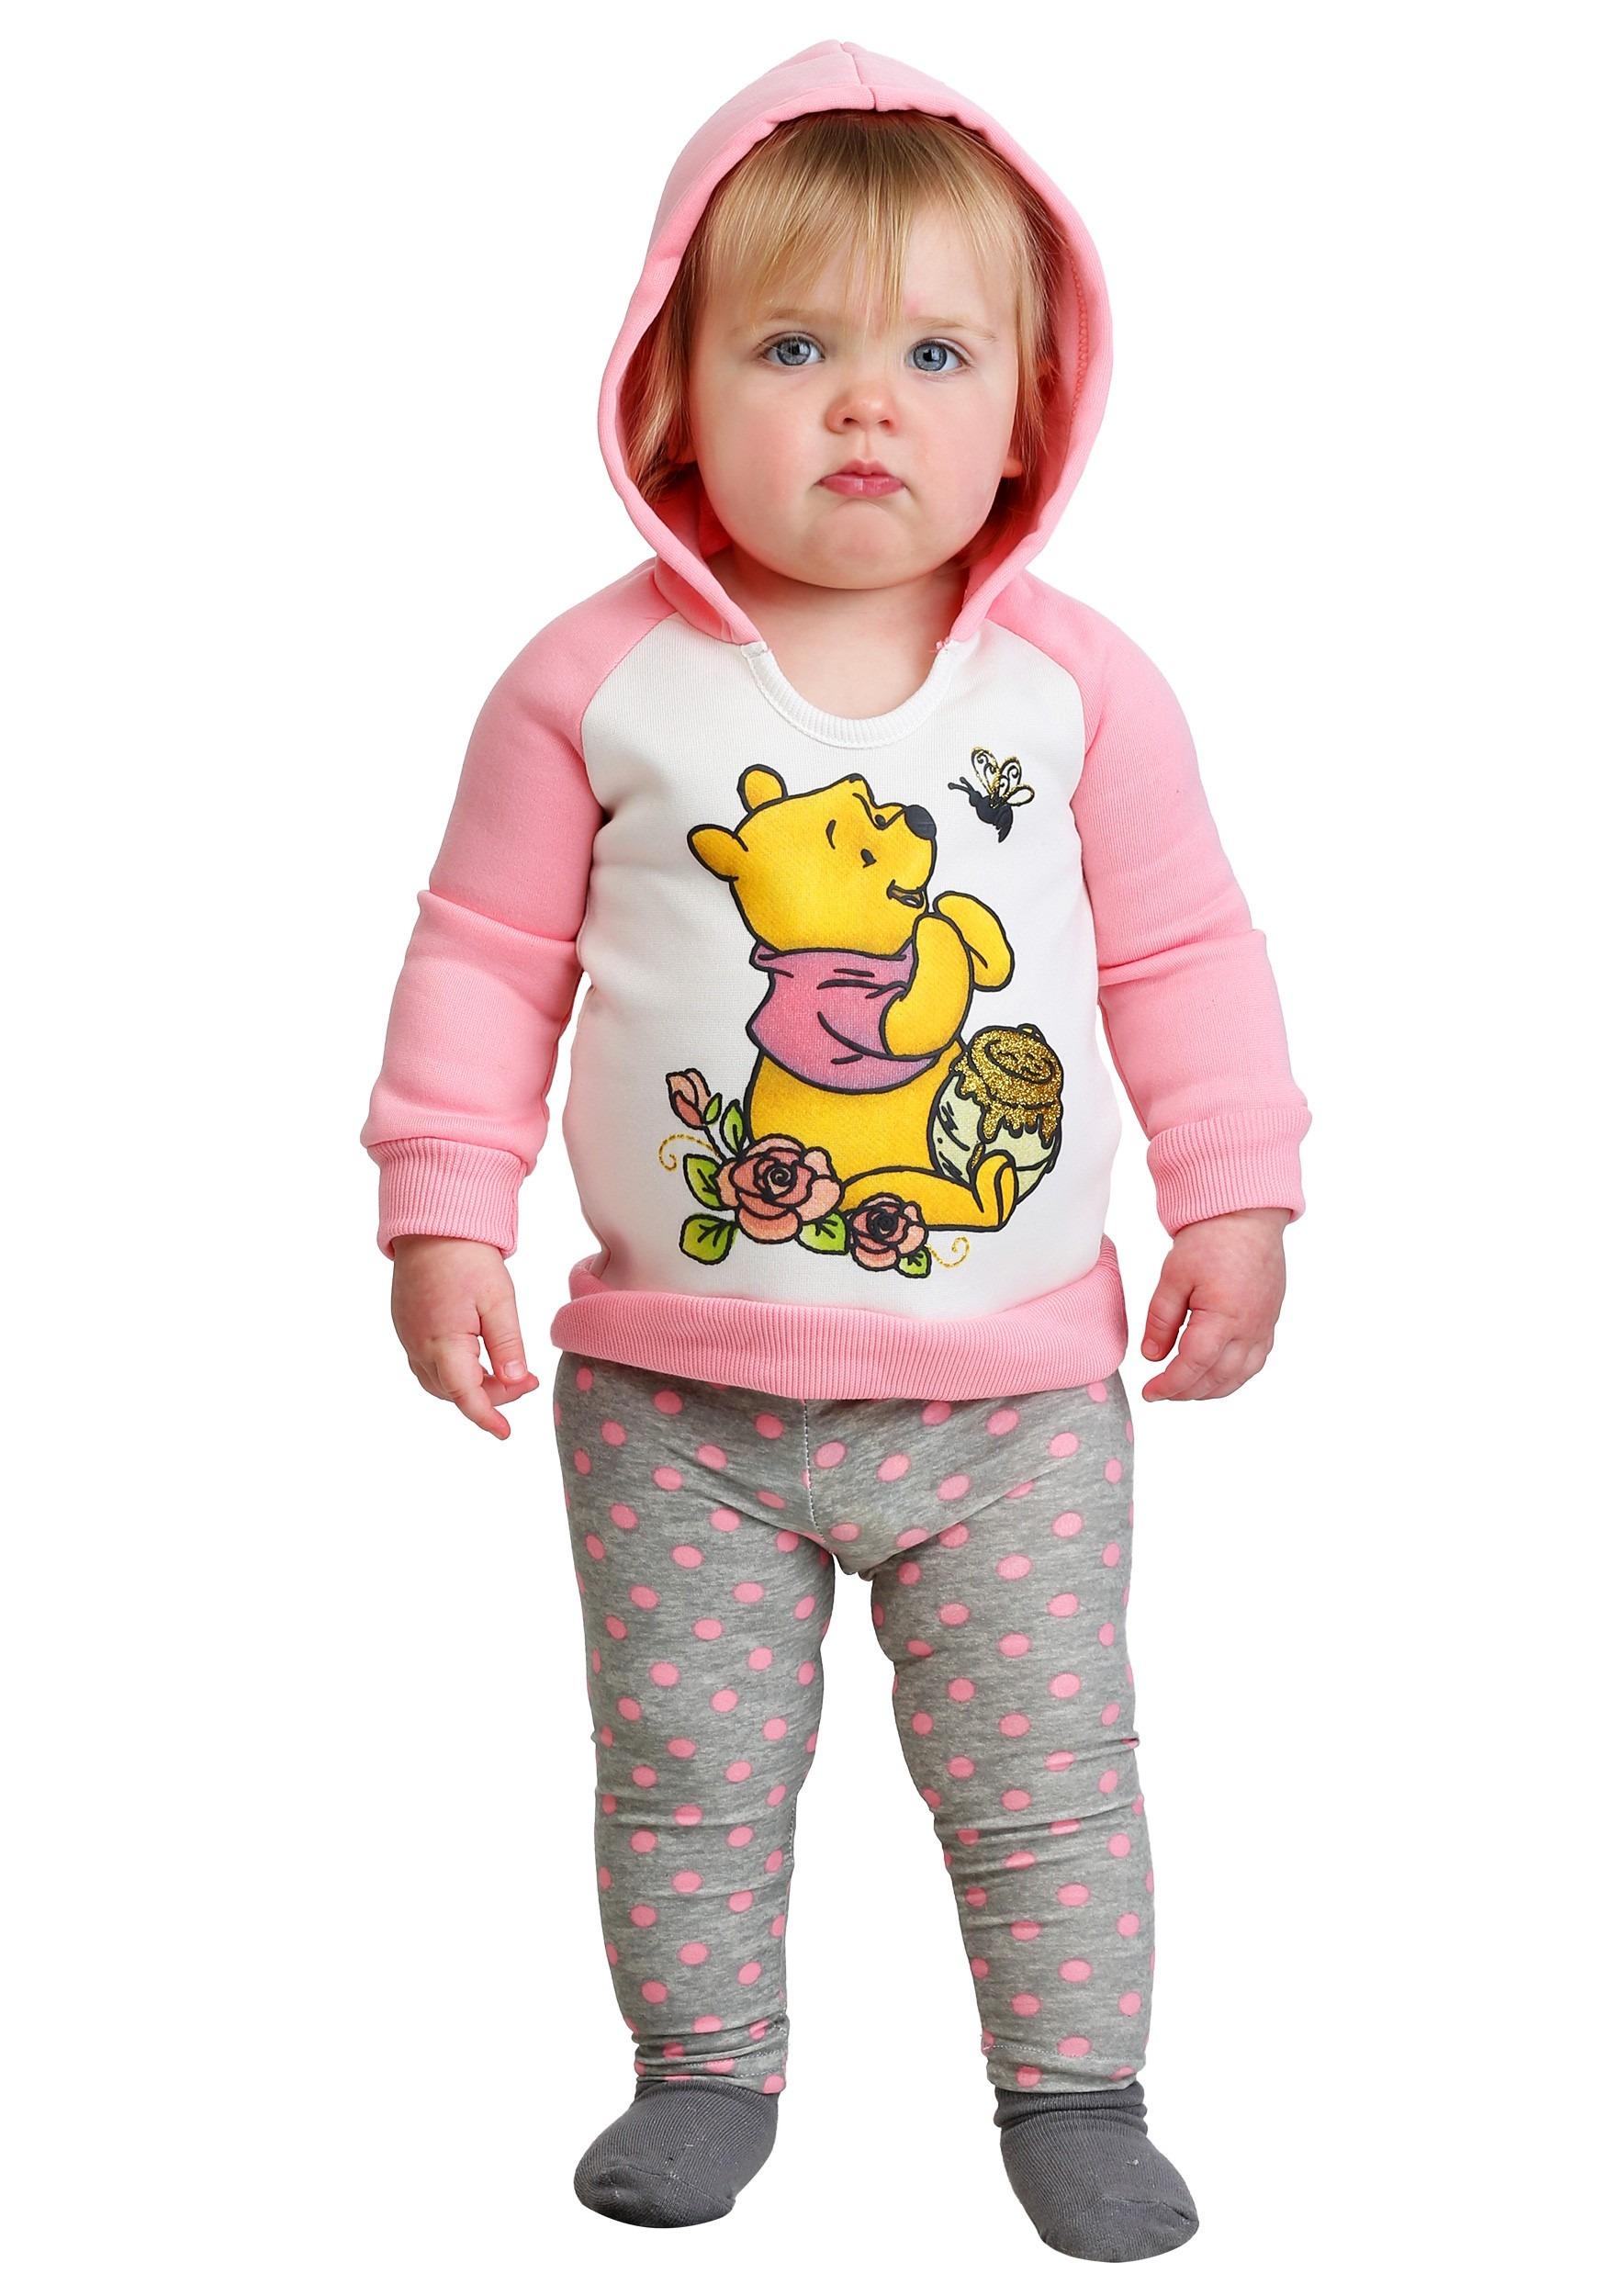 7c155a3db8cd2 Winnie the Pooh Toddler's Honey Hoodie & Leggings Set